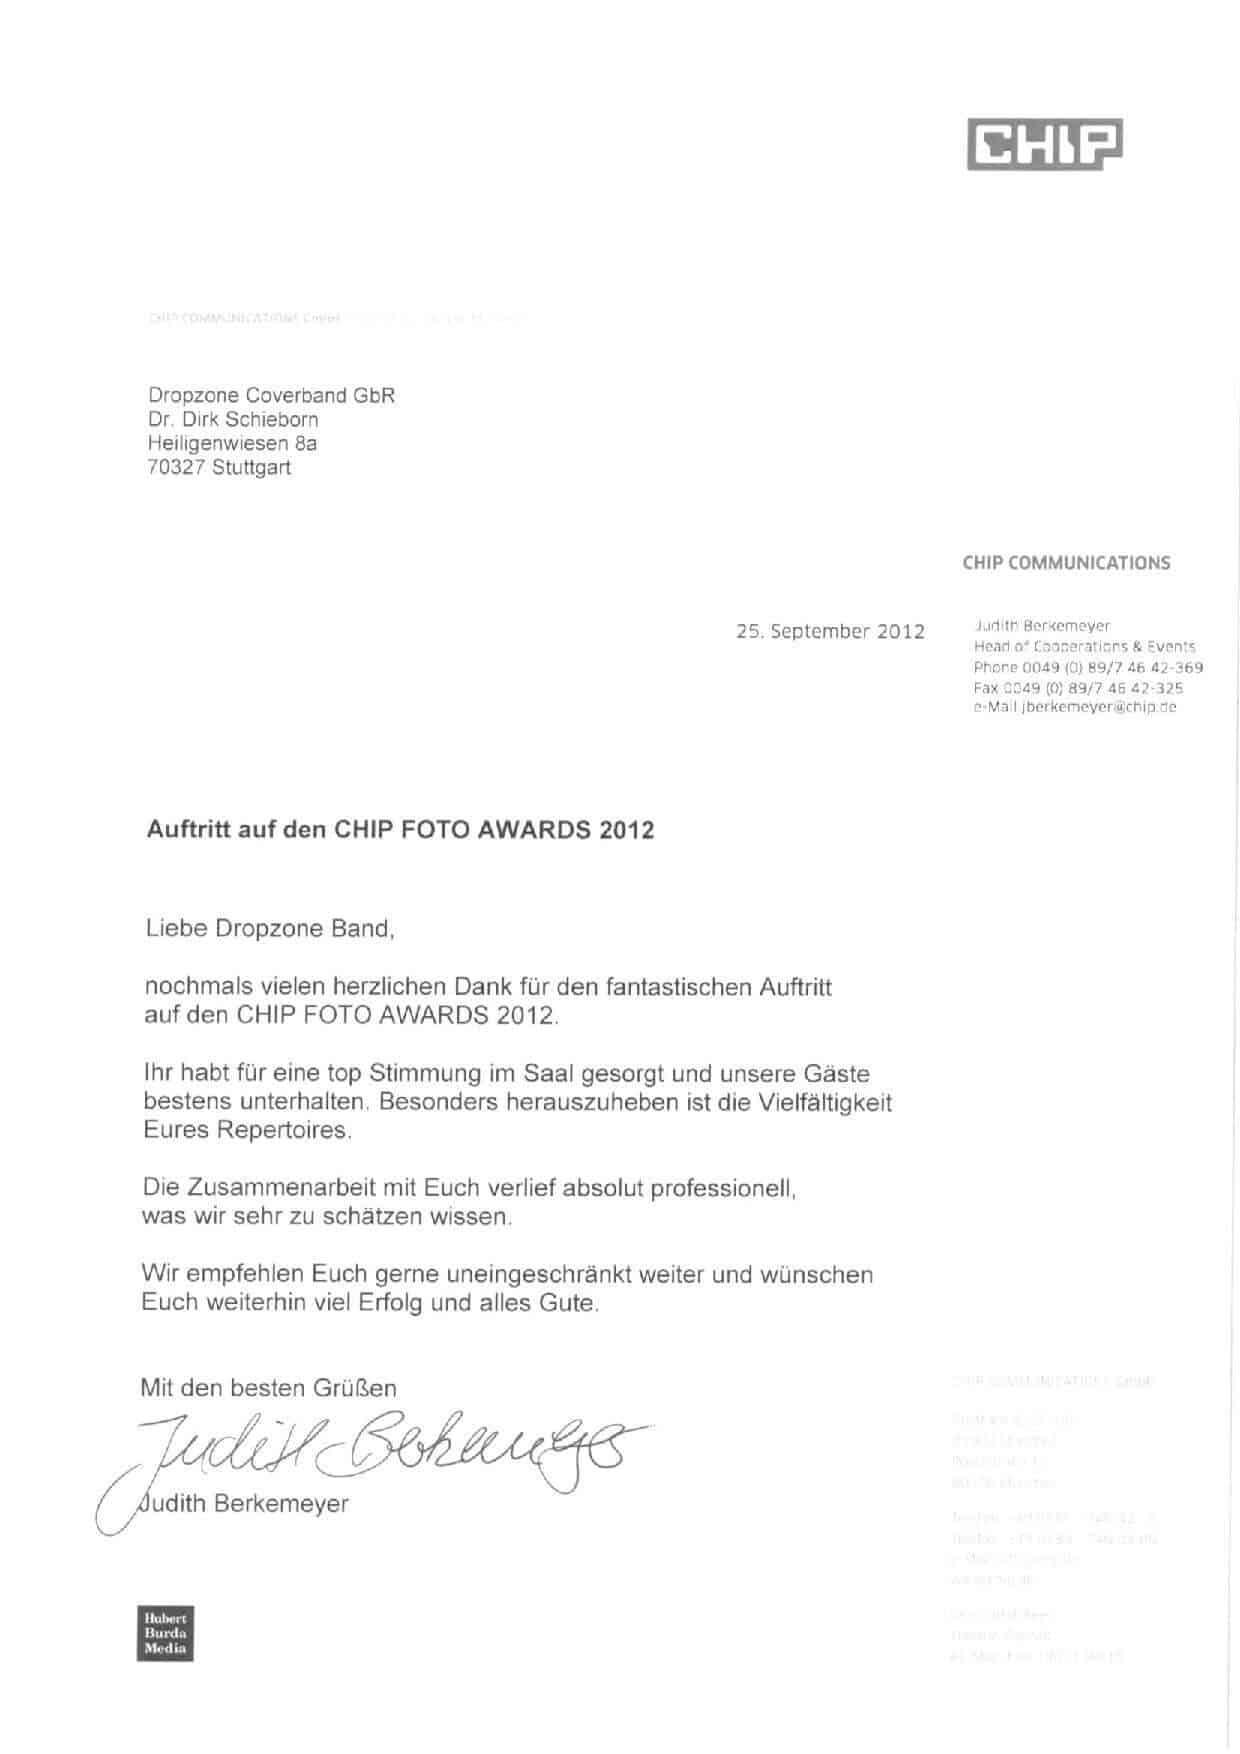 Empfehlung der CHIP Communications GmbH